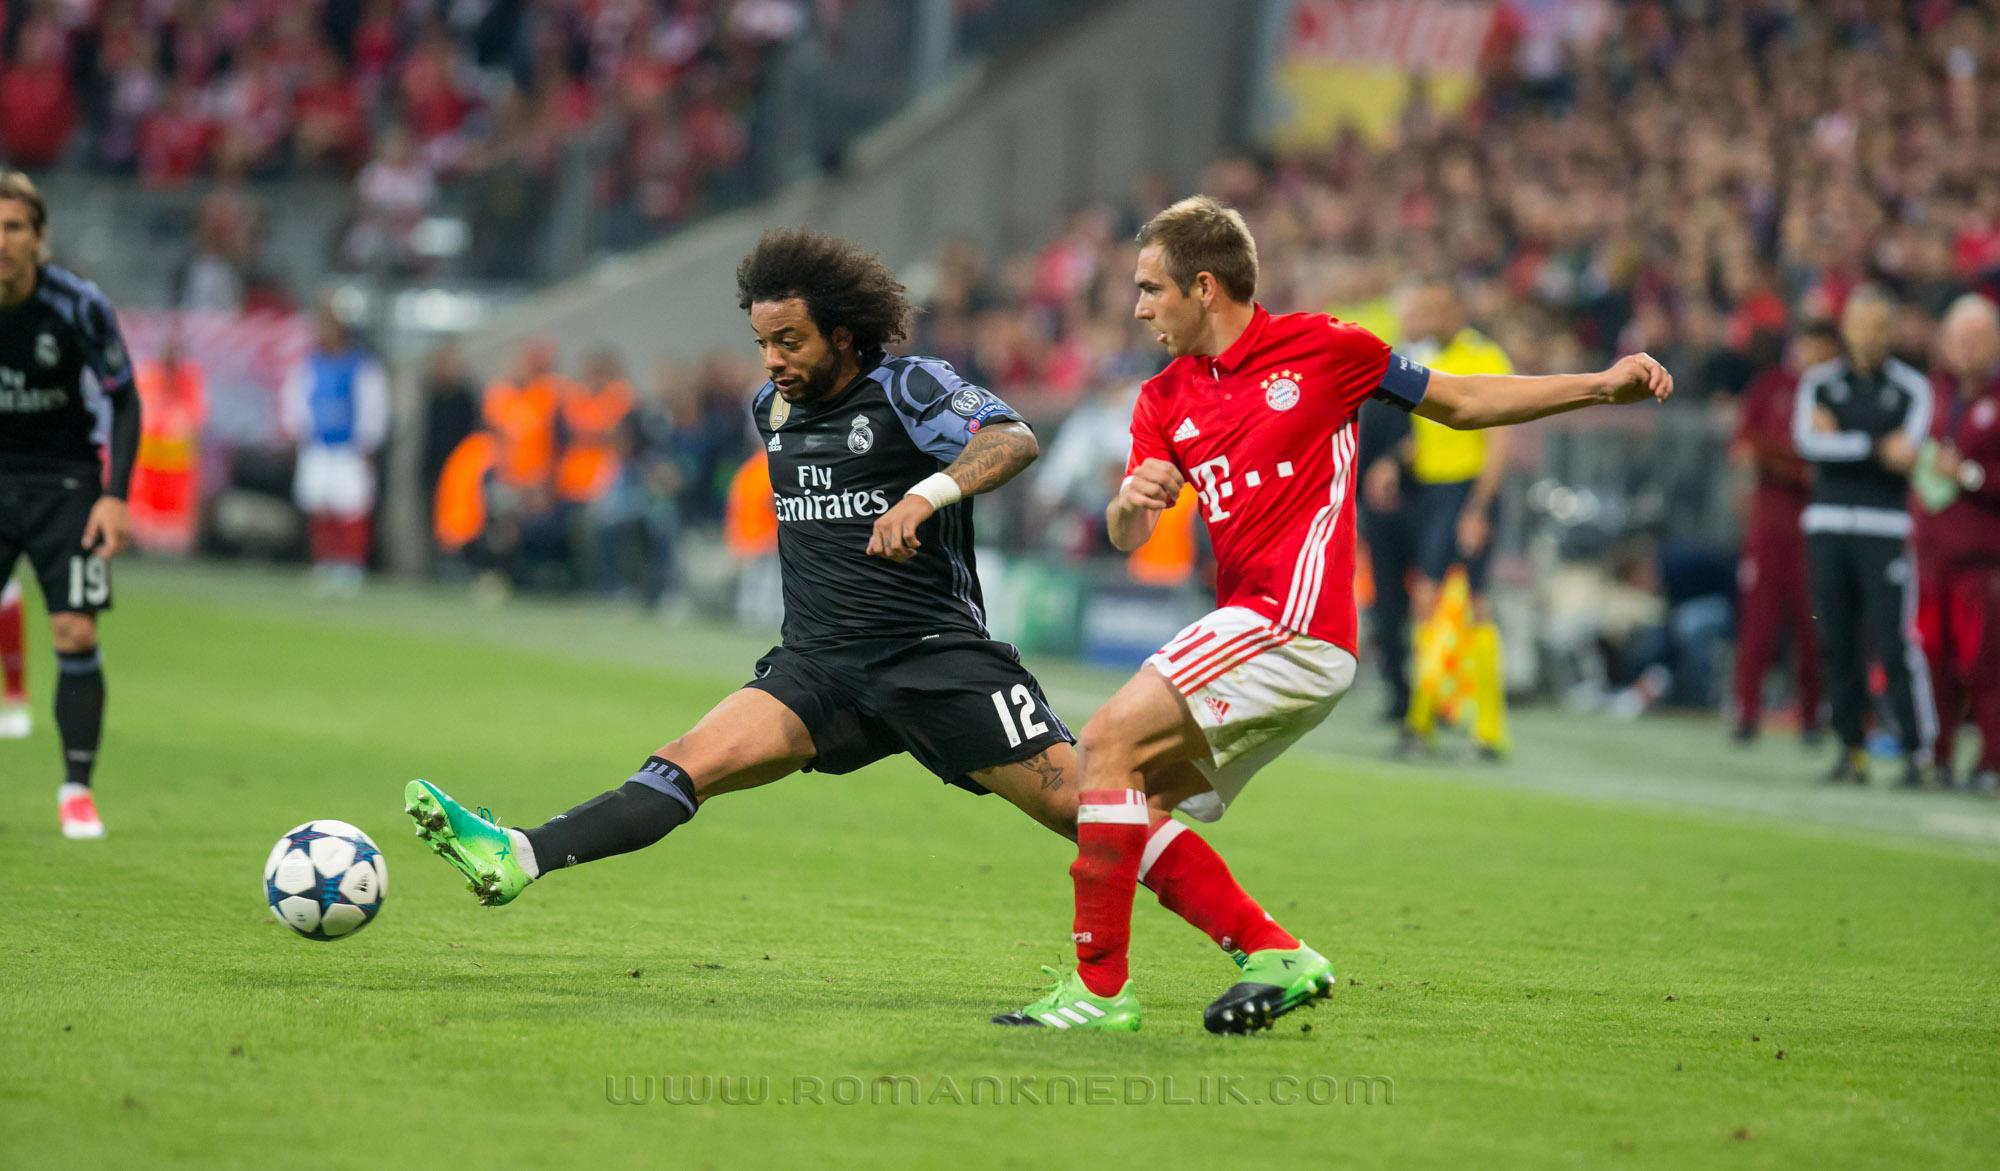 Bayern_Real_LM_12042017-27